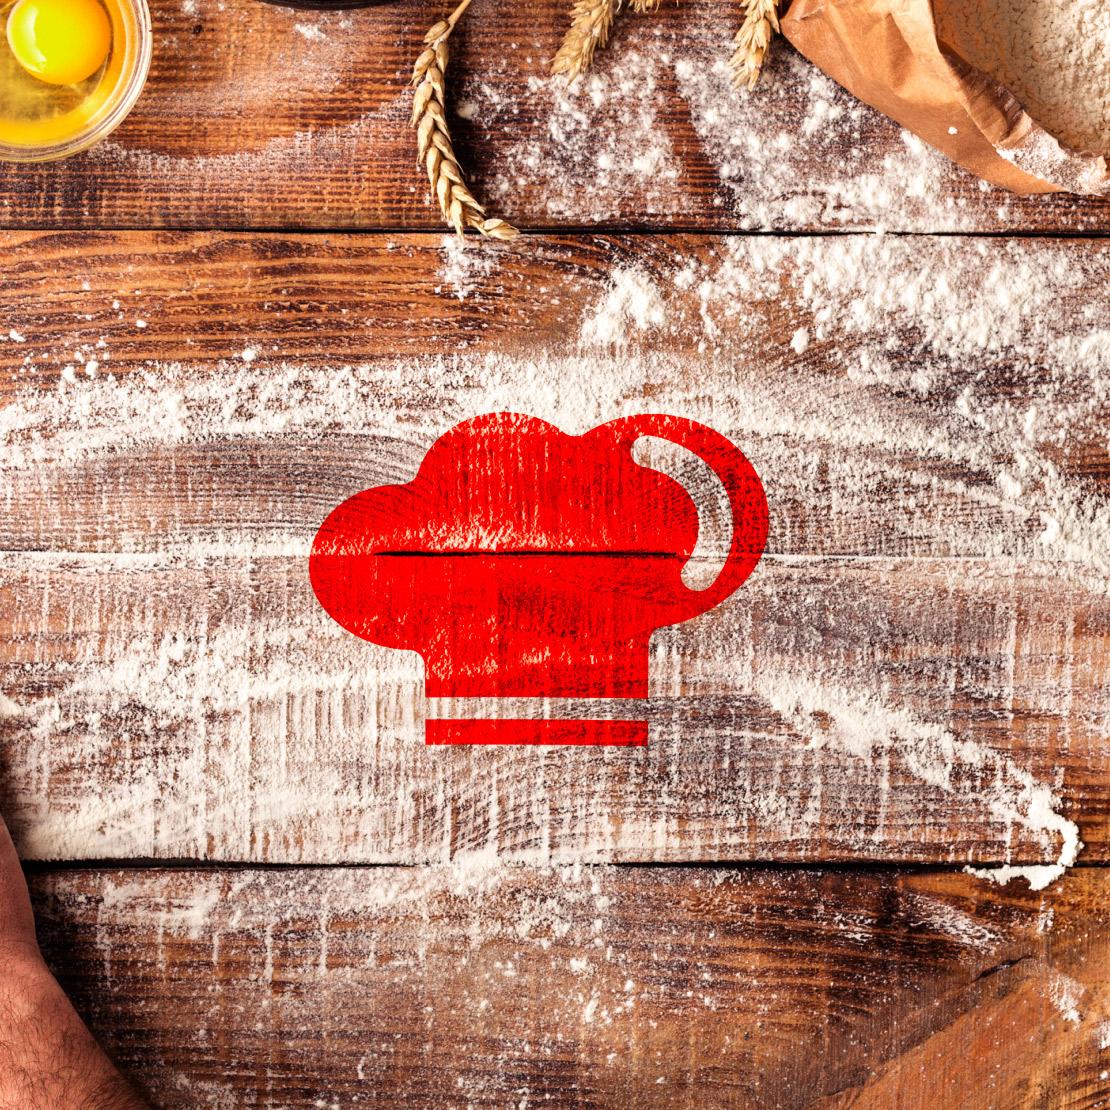 Productos la 96 construccion de marca (imagen corporativa) para marca de productos alimenticios panadería.